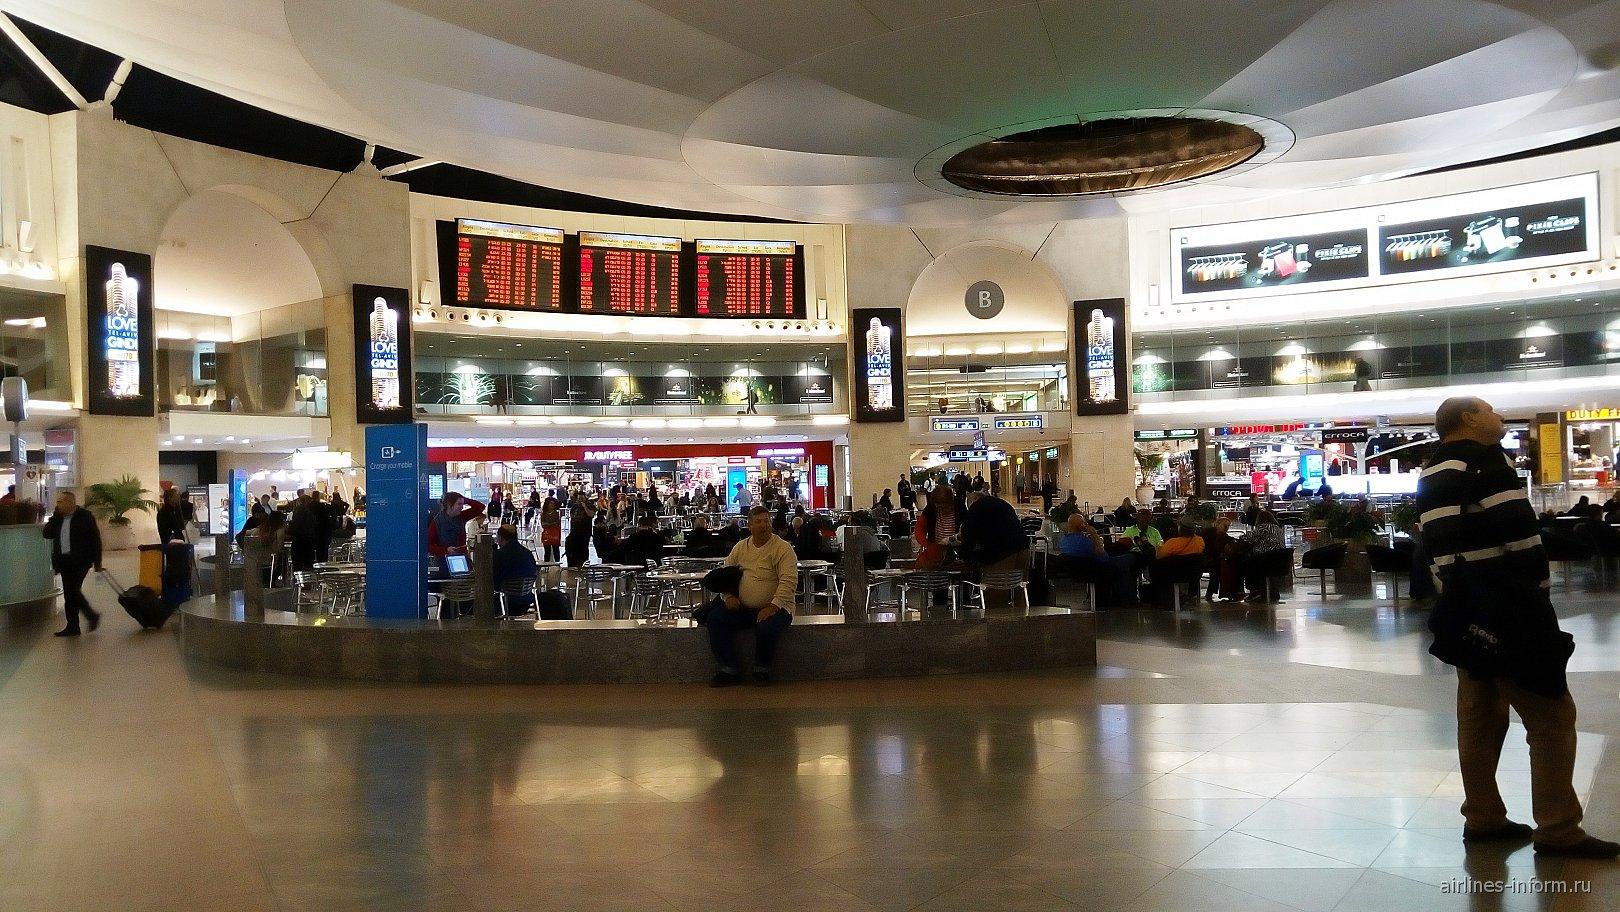 Круглый зал в чистой зоне аэропорта Тель-Авив Бен Гурион